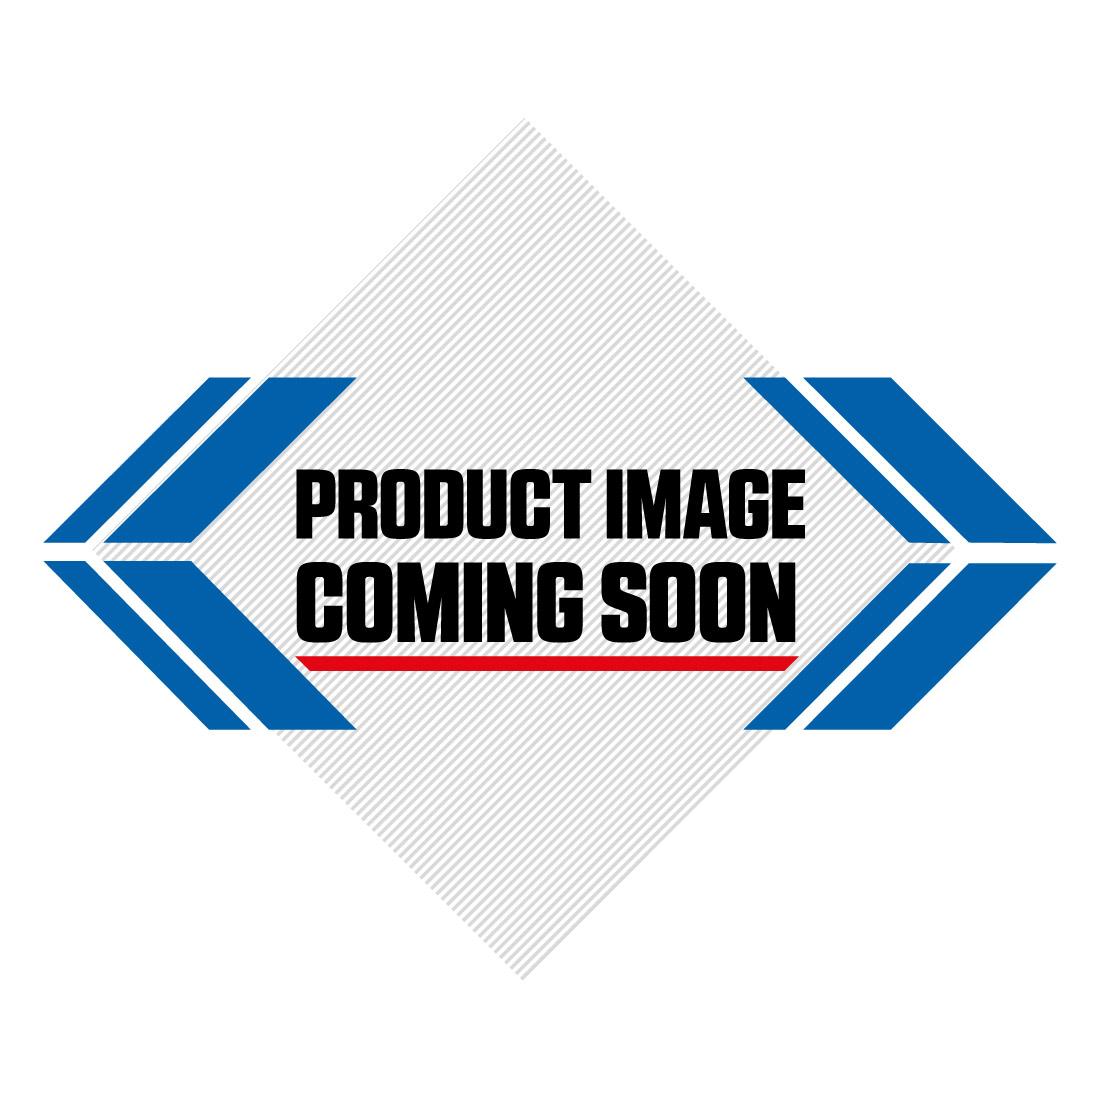 New 2015 Honda CRF 250R Motocross Bike Image-5